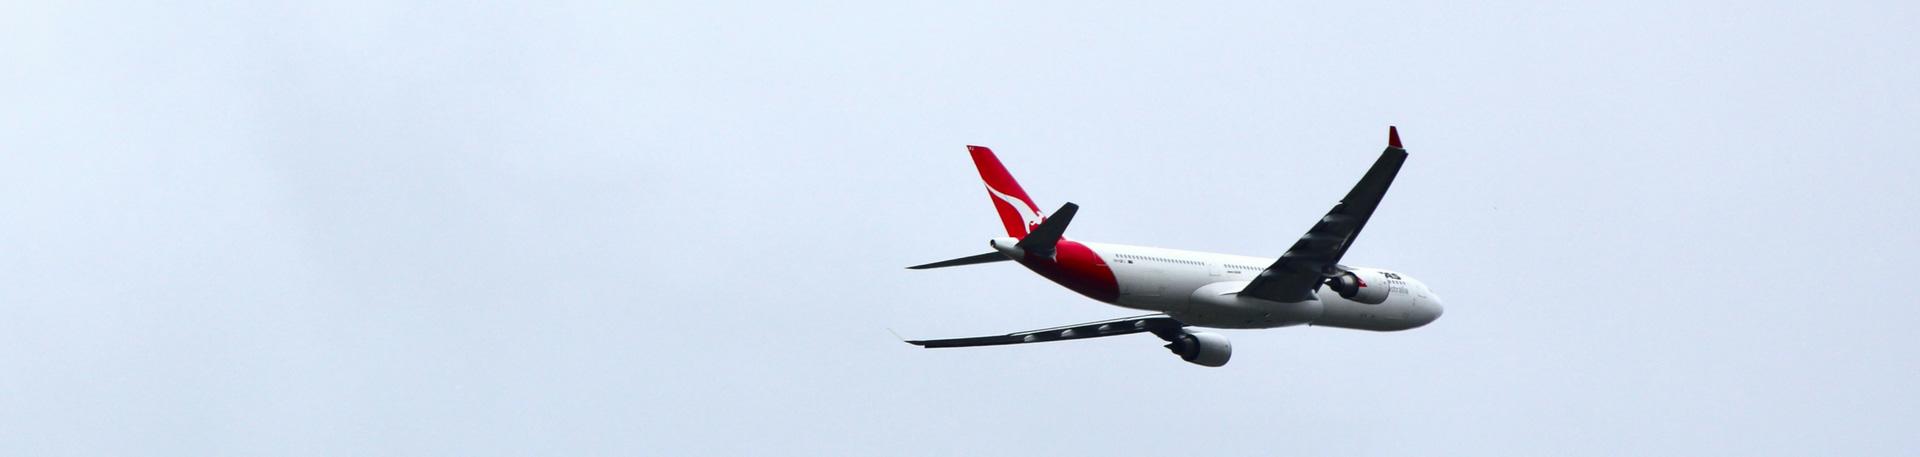 Bundaberg Airport